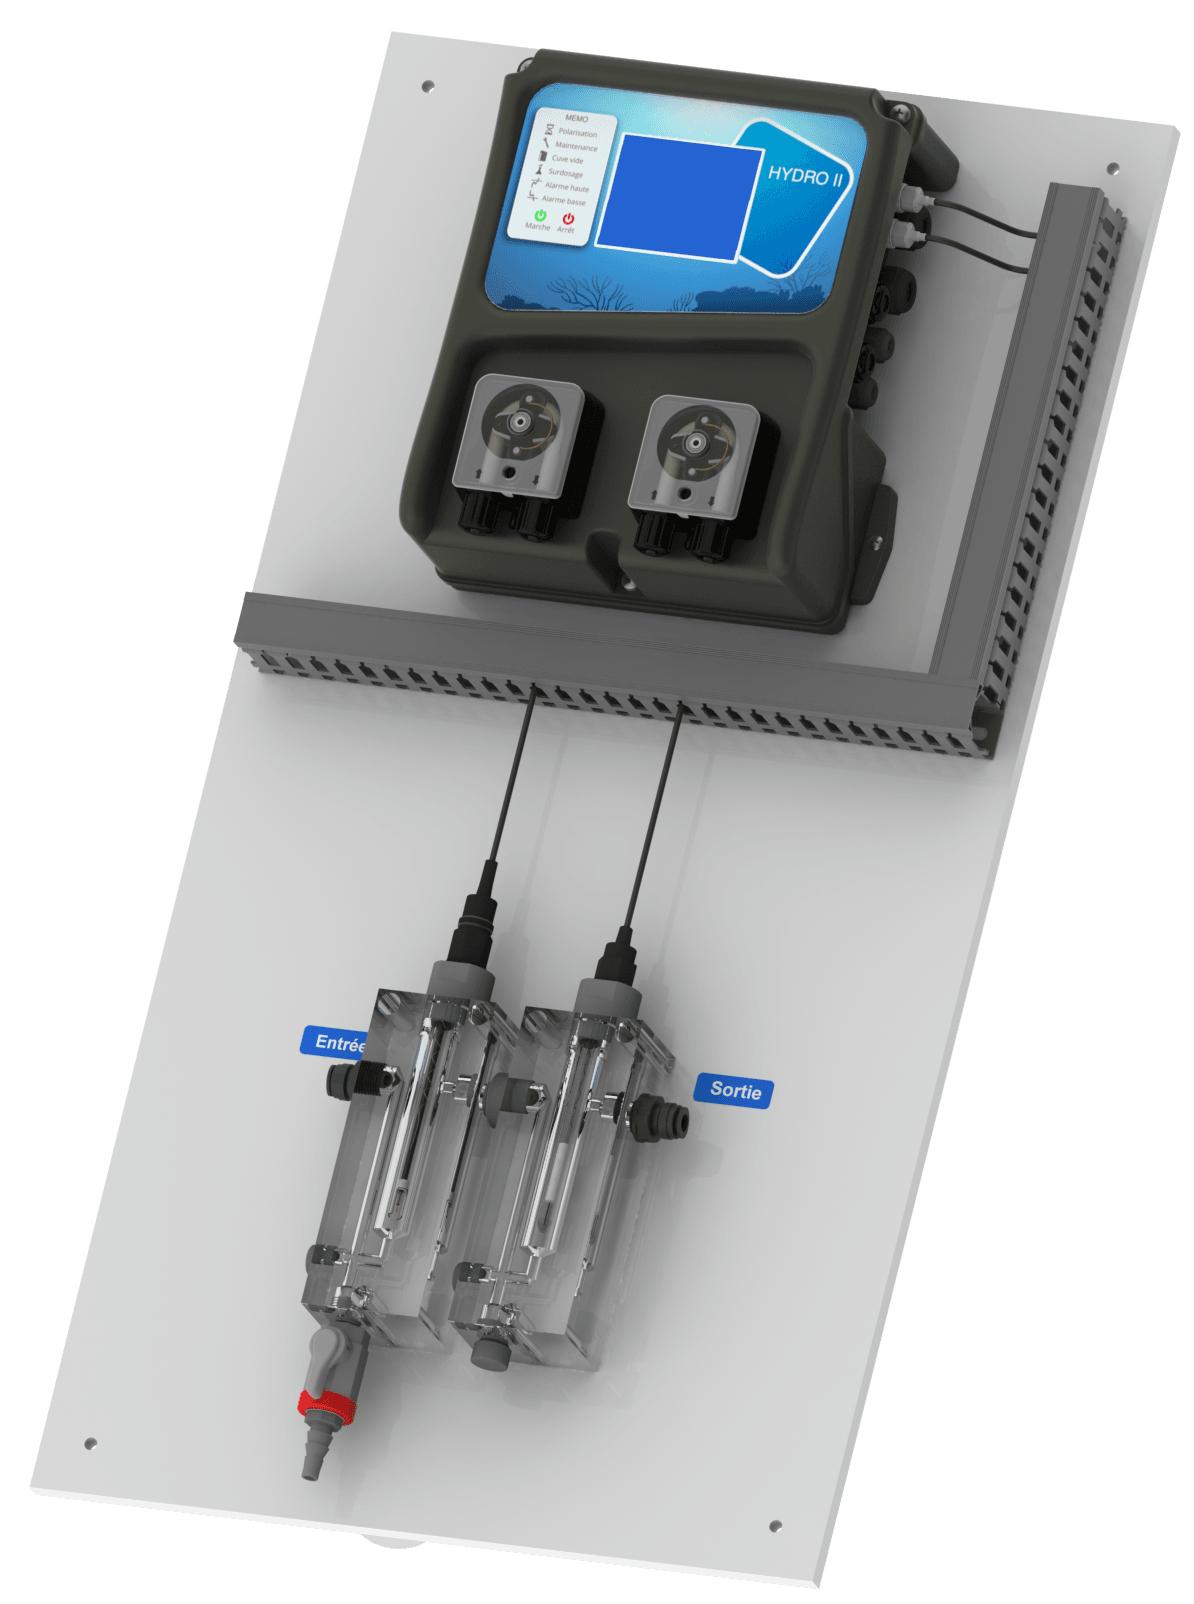 Syclope Electronique | Qualité De L'eau Pour Piscines ... avec Peroxyde D Hydrogène Pour Piscine